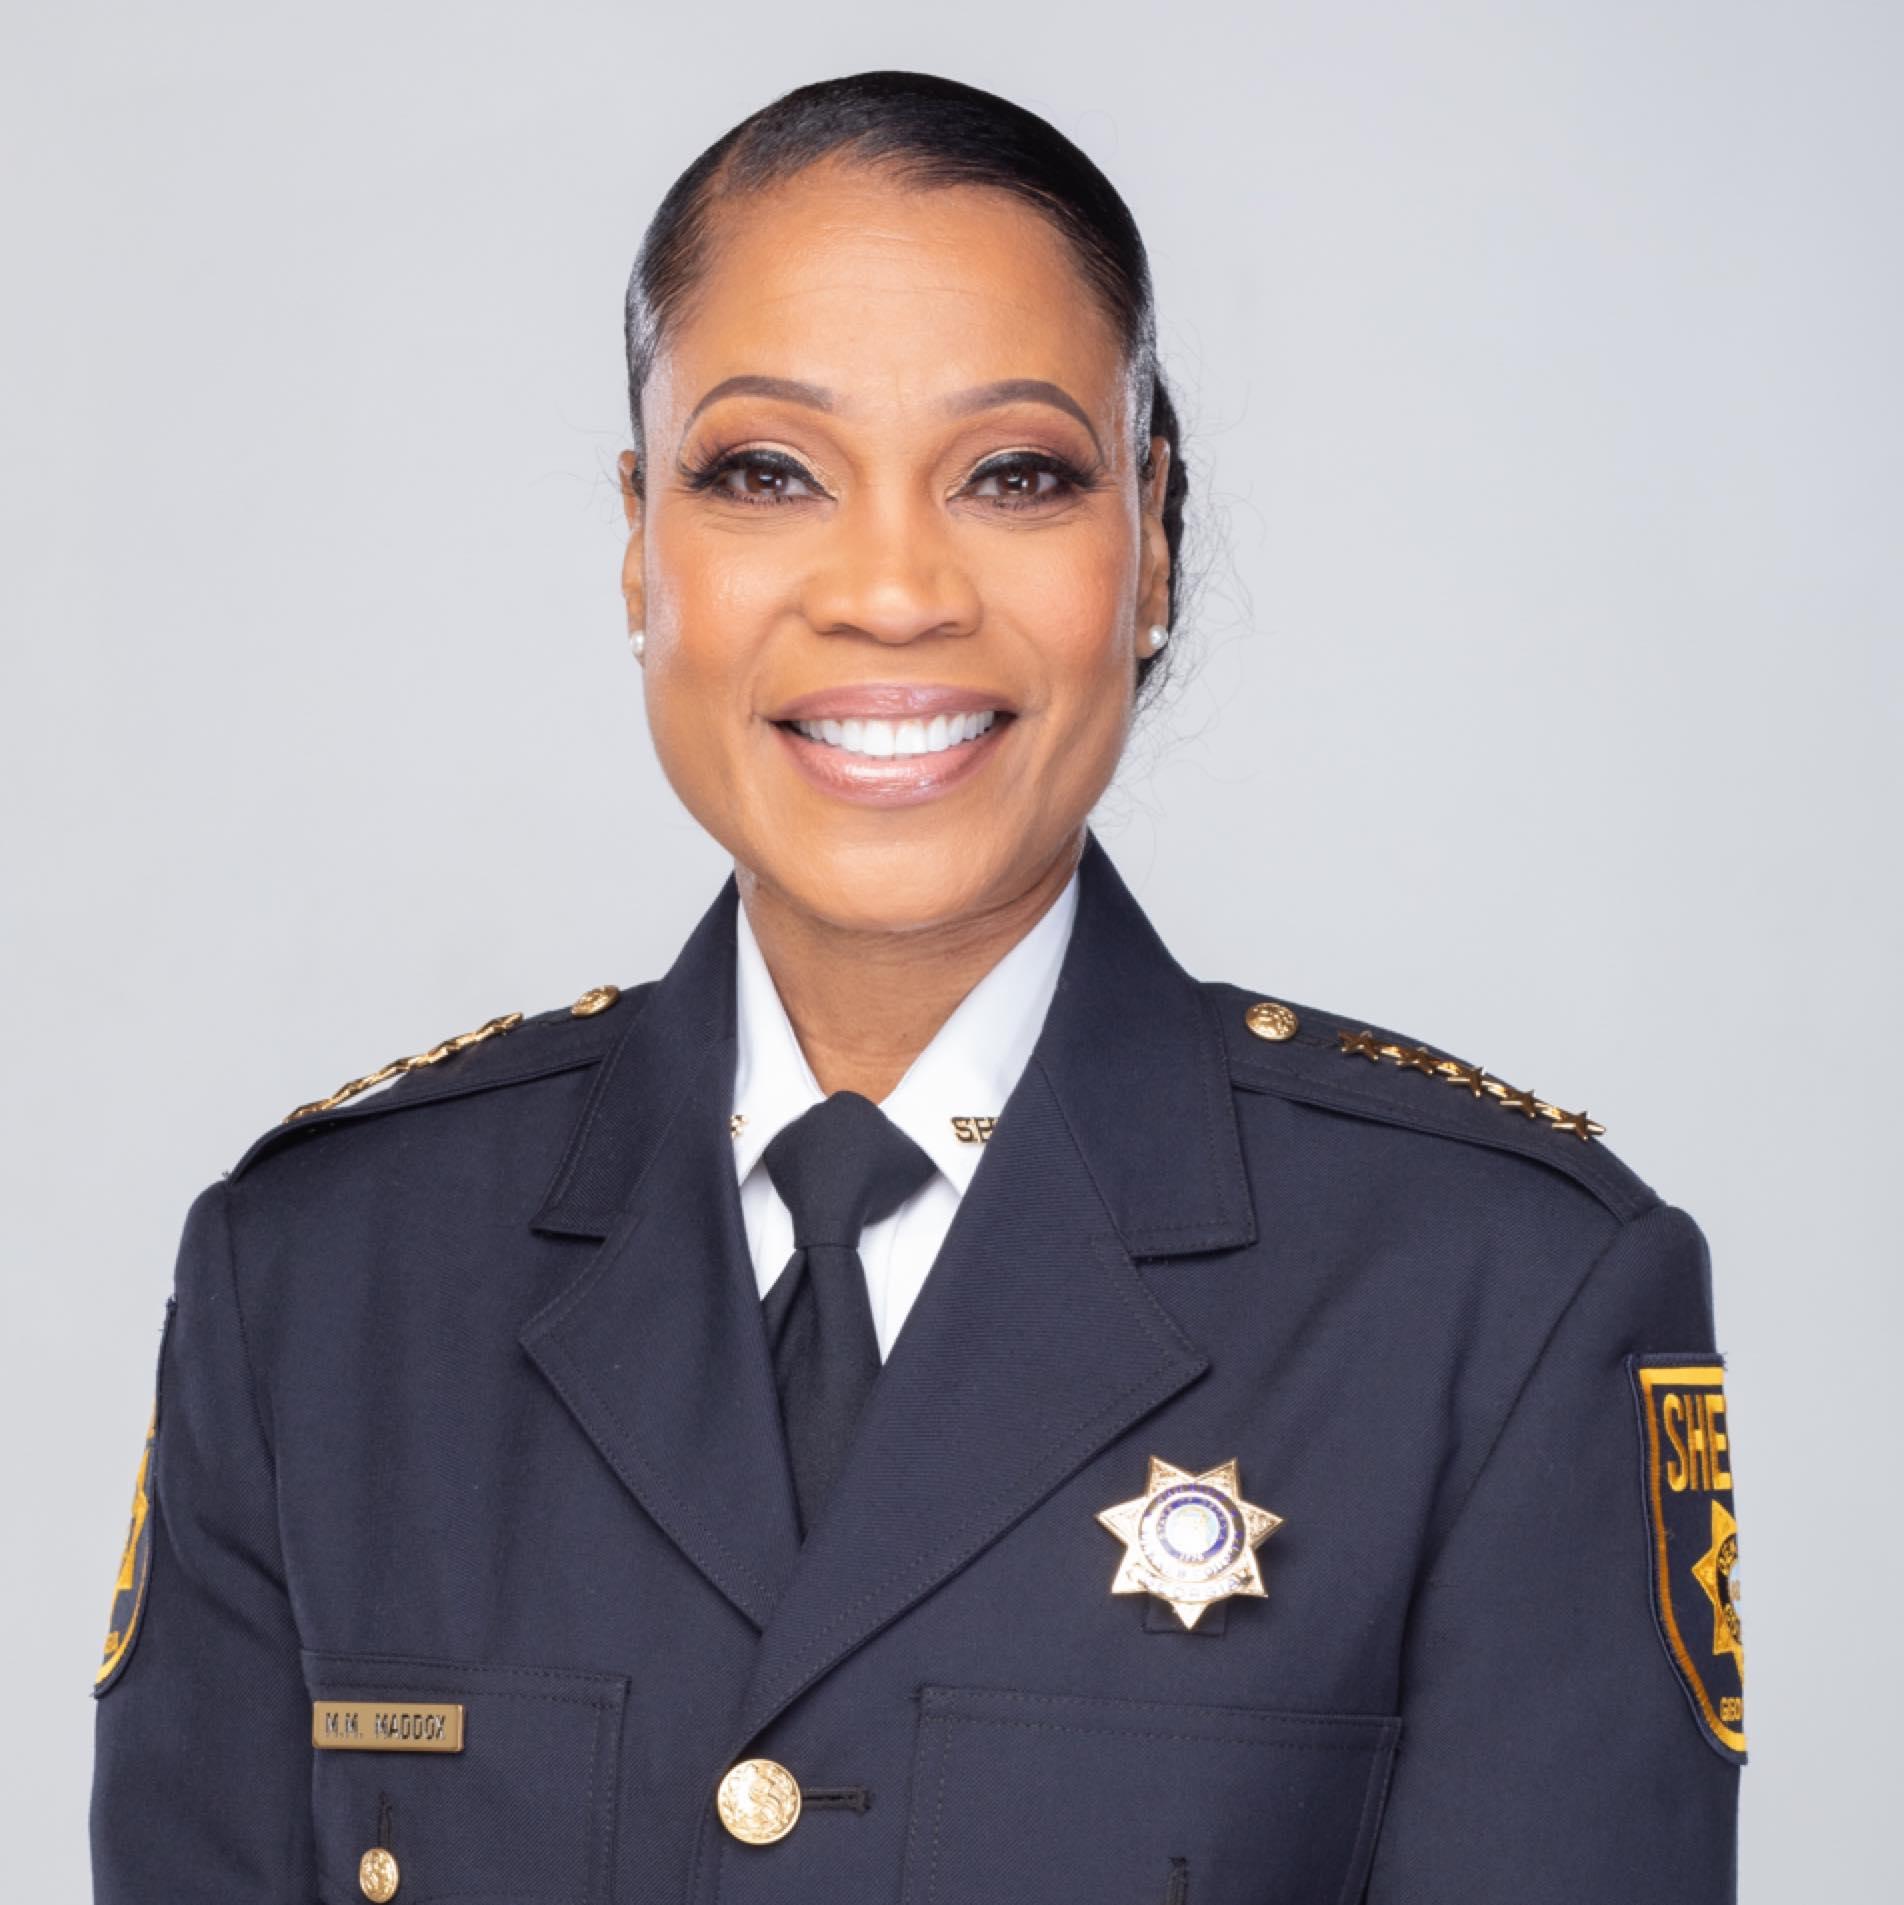 Sheriff Melody M. Maddox